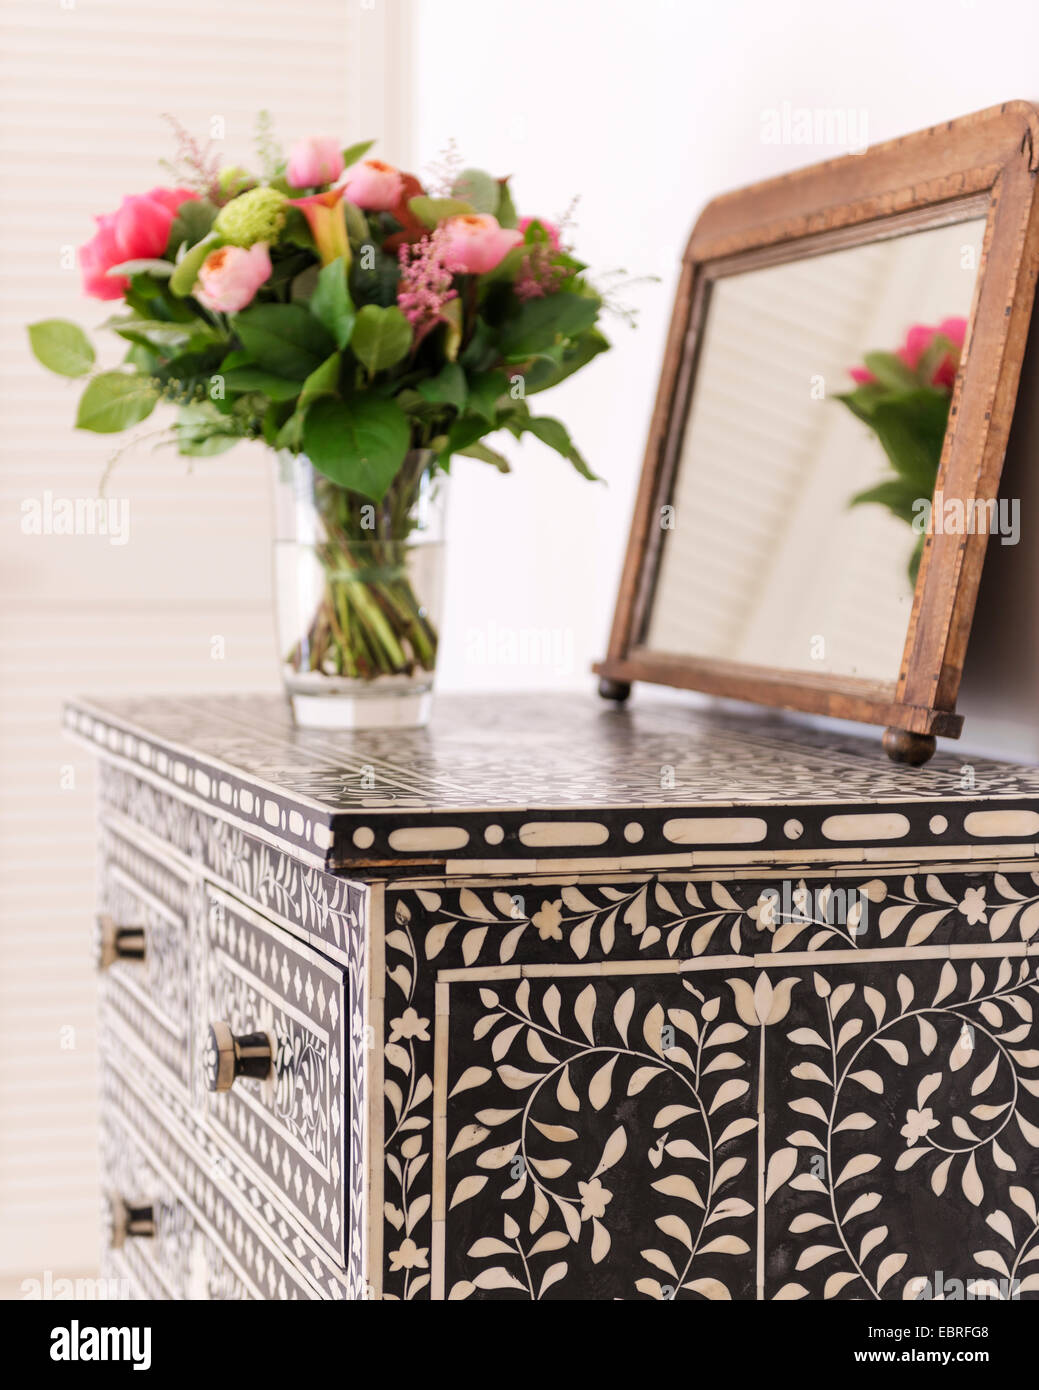 Spiegel und Vase mit Blumen auf Bone inlay Kommode Stockbild